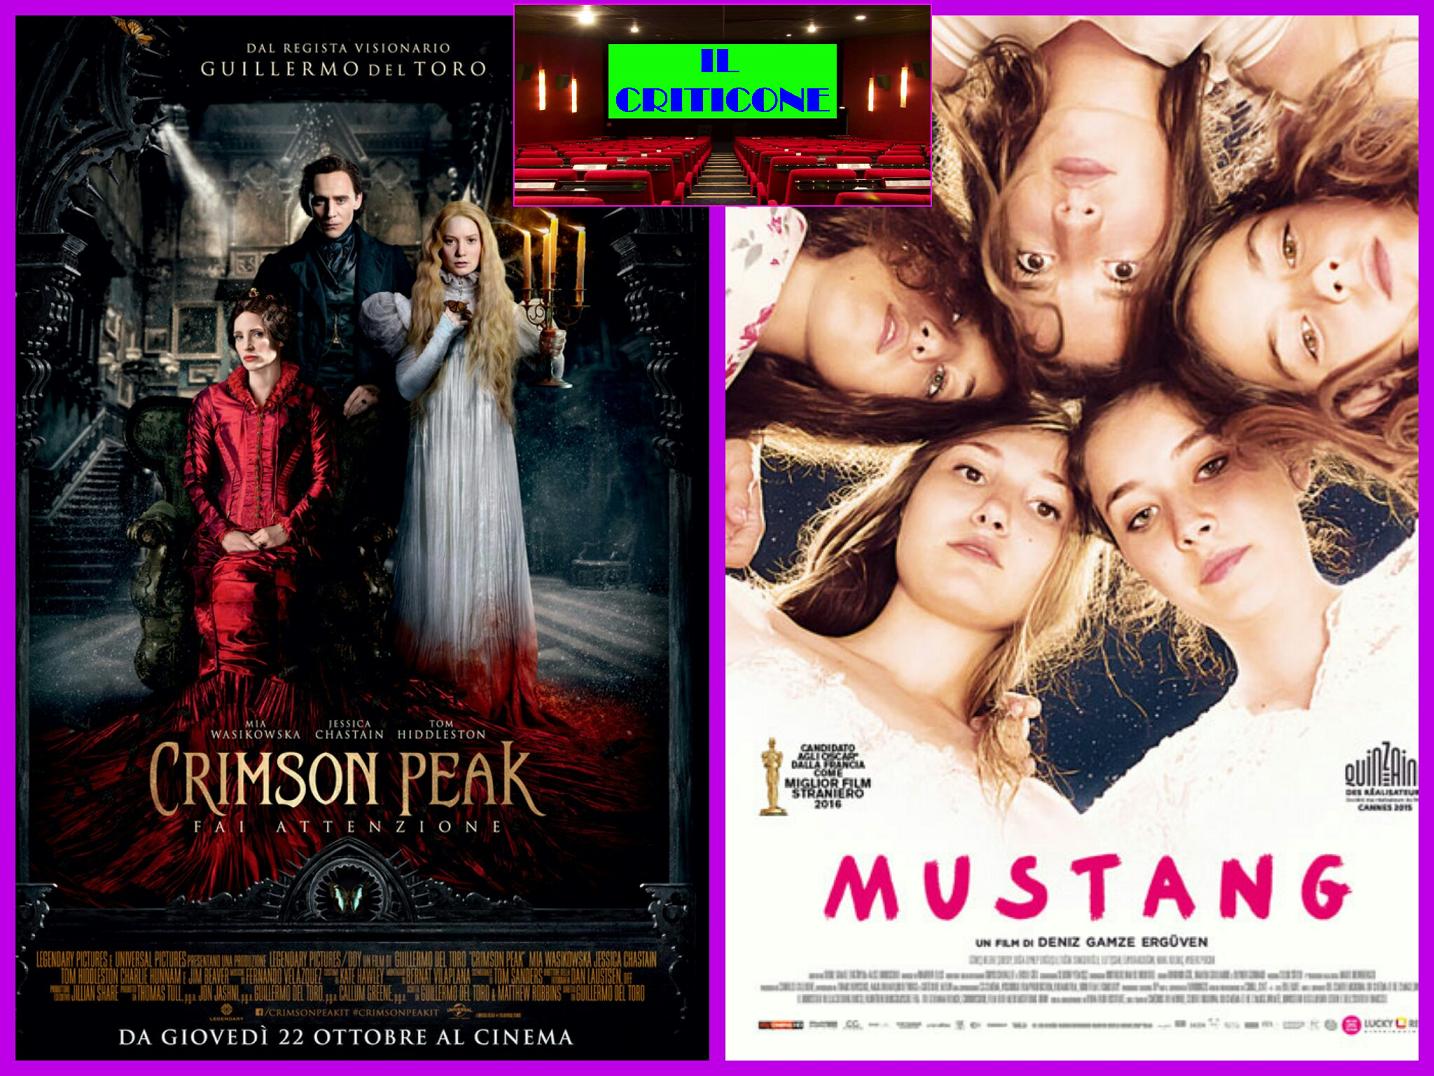 """Sesta puntata de """"Il Criticone"""" con due film molto diversi tra loro, ma con un comun denominatore, l'oppressione casalinga: """"Crimson Peak"""" e """"Mustang"""".  CRIMSON PEAK Il ritorno al gotico […]"""